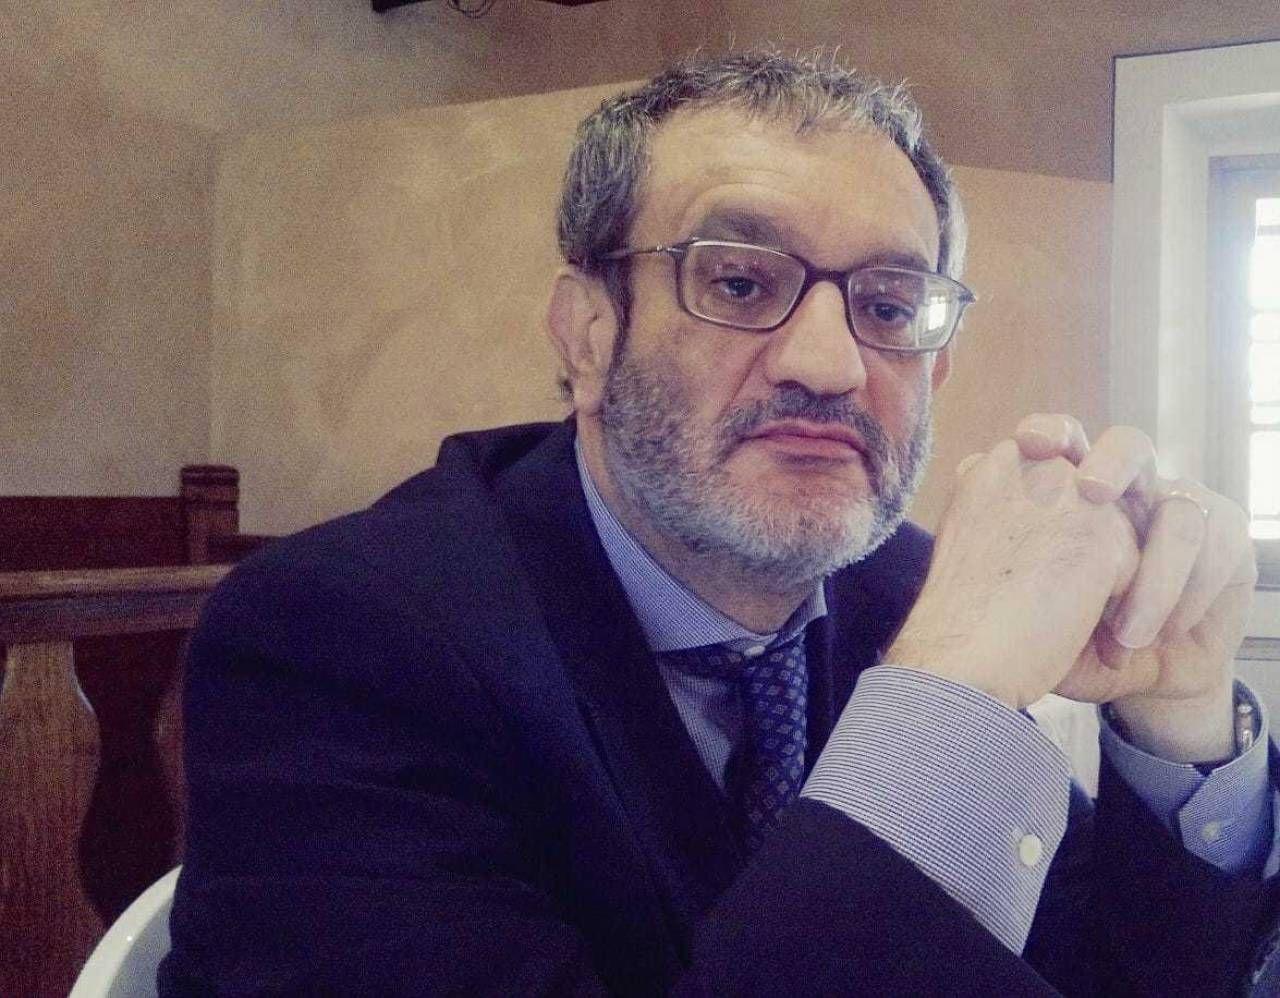 Alessandro Gullo è preside all'istituto superiore Allende Custodi di via Ulisse Dini, zona Chiesa Rossa